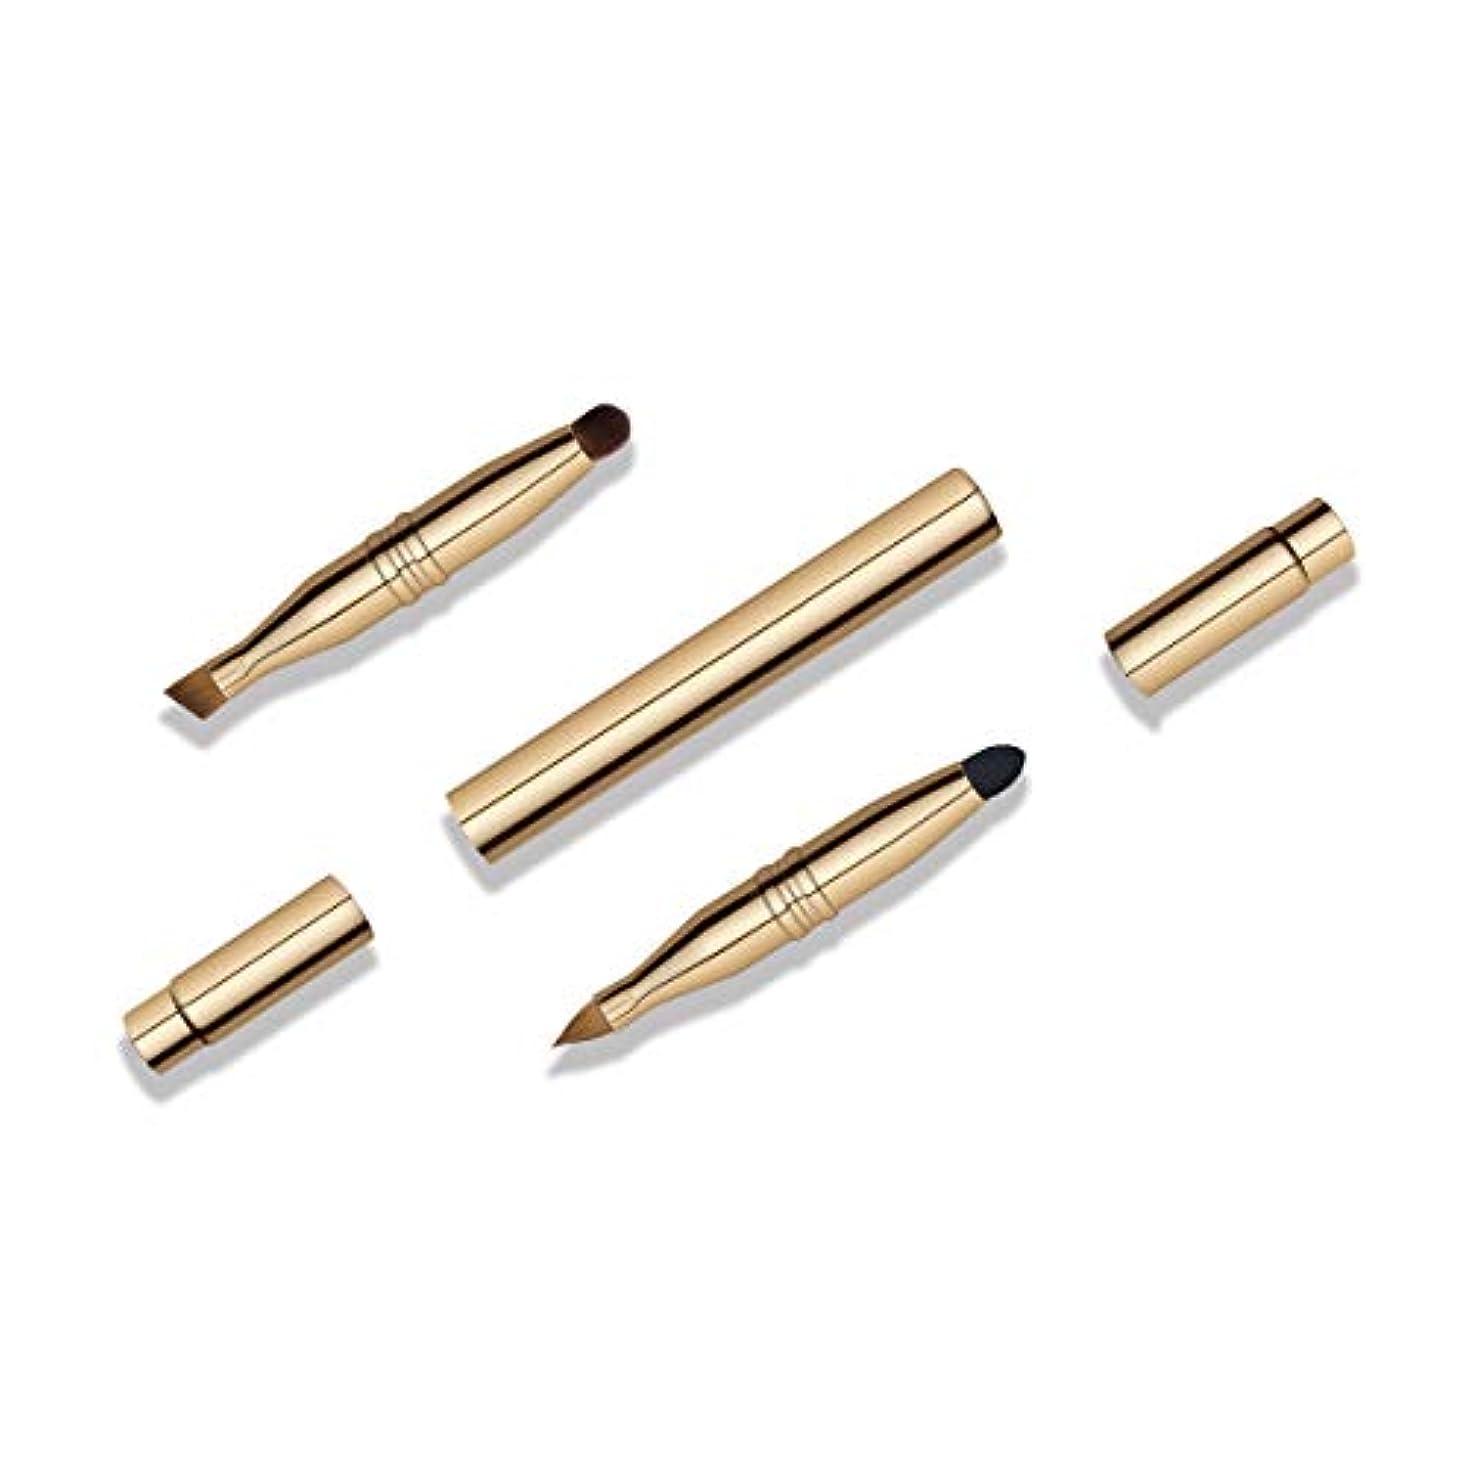 免疫風下着BLD 伸縮式携帯用4ヘッドメイクブラシ スライド式 4エンド化粧筆